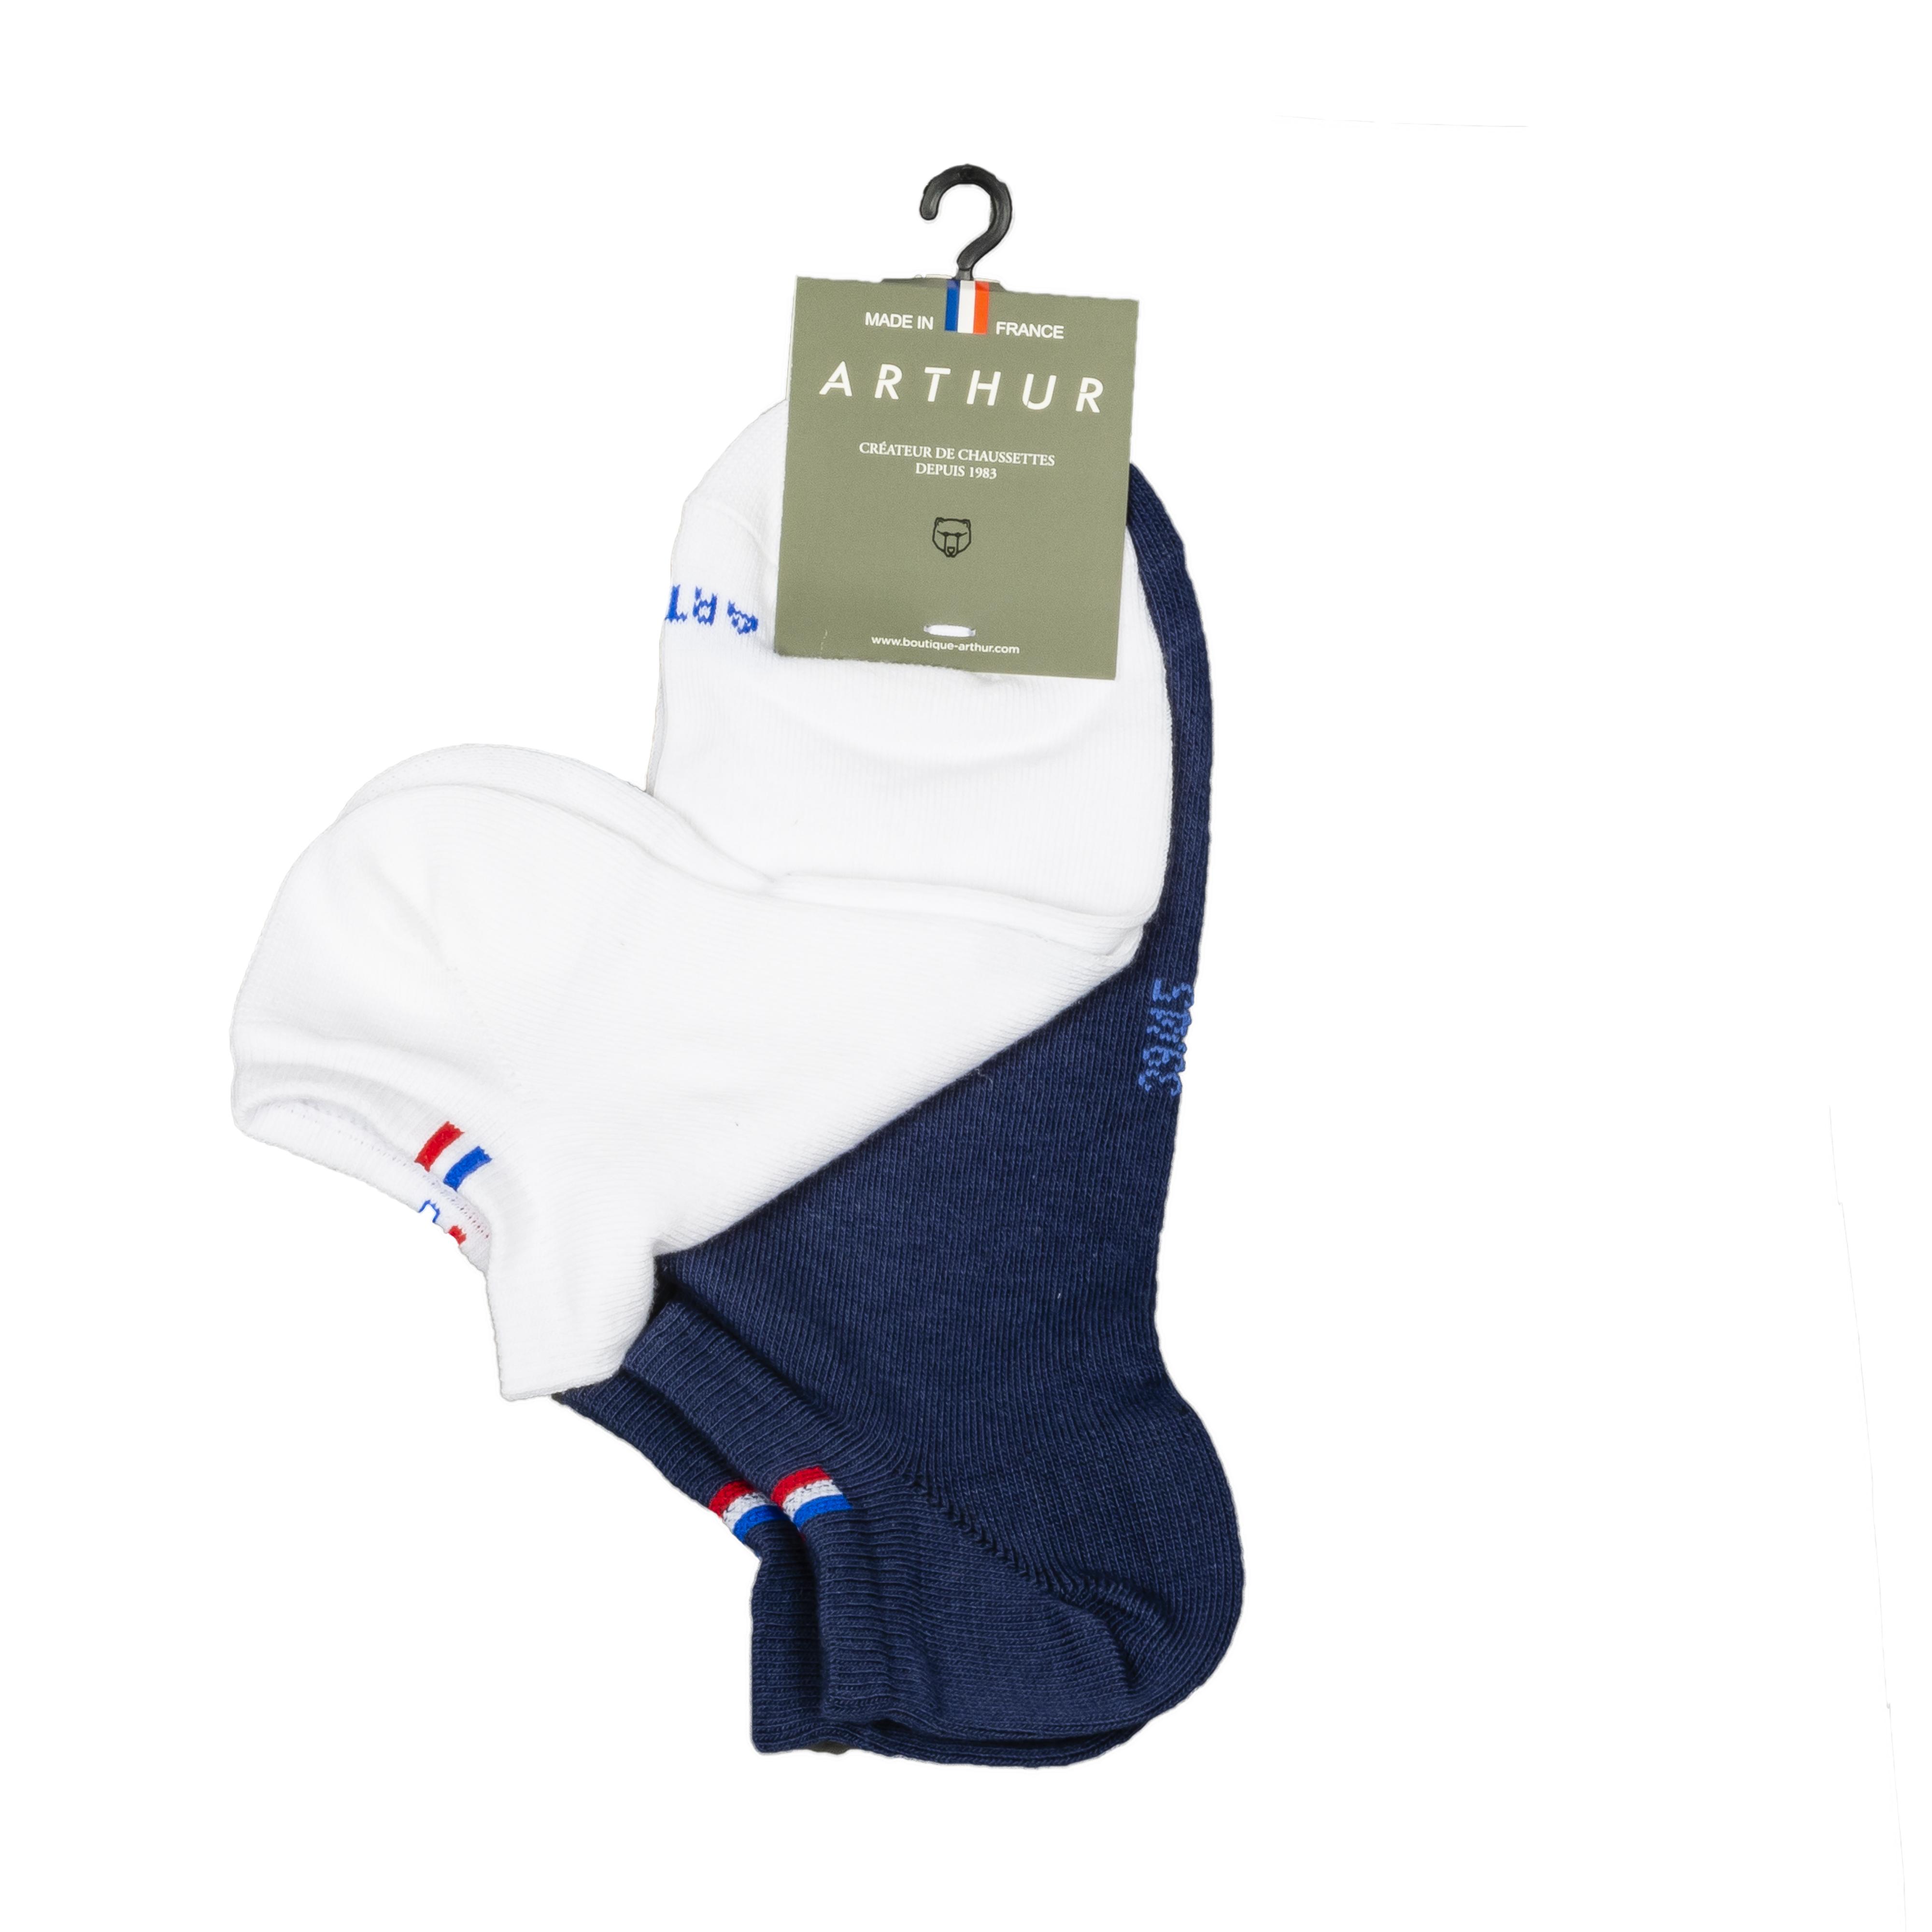 Lot de 2 paires de chaussettes basses  nunie en coton mélangé bleu marine et blanches